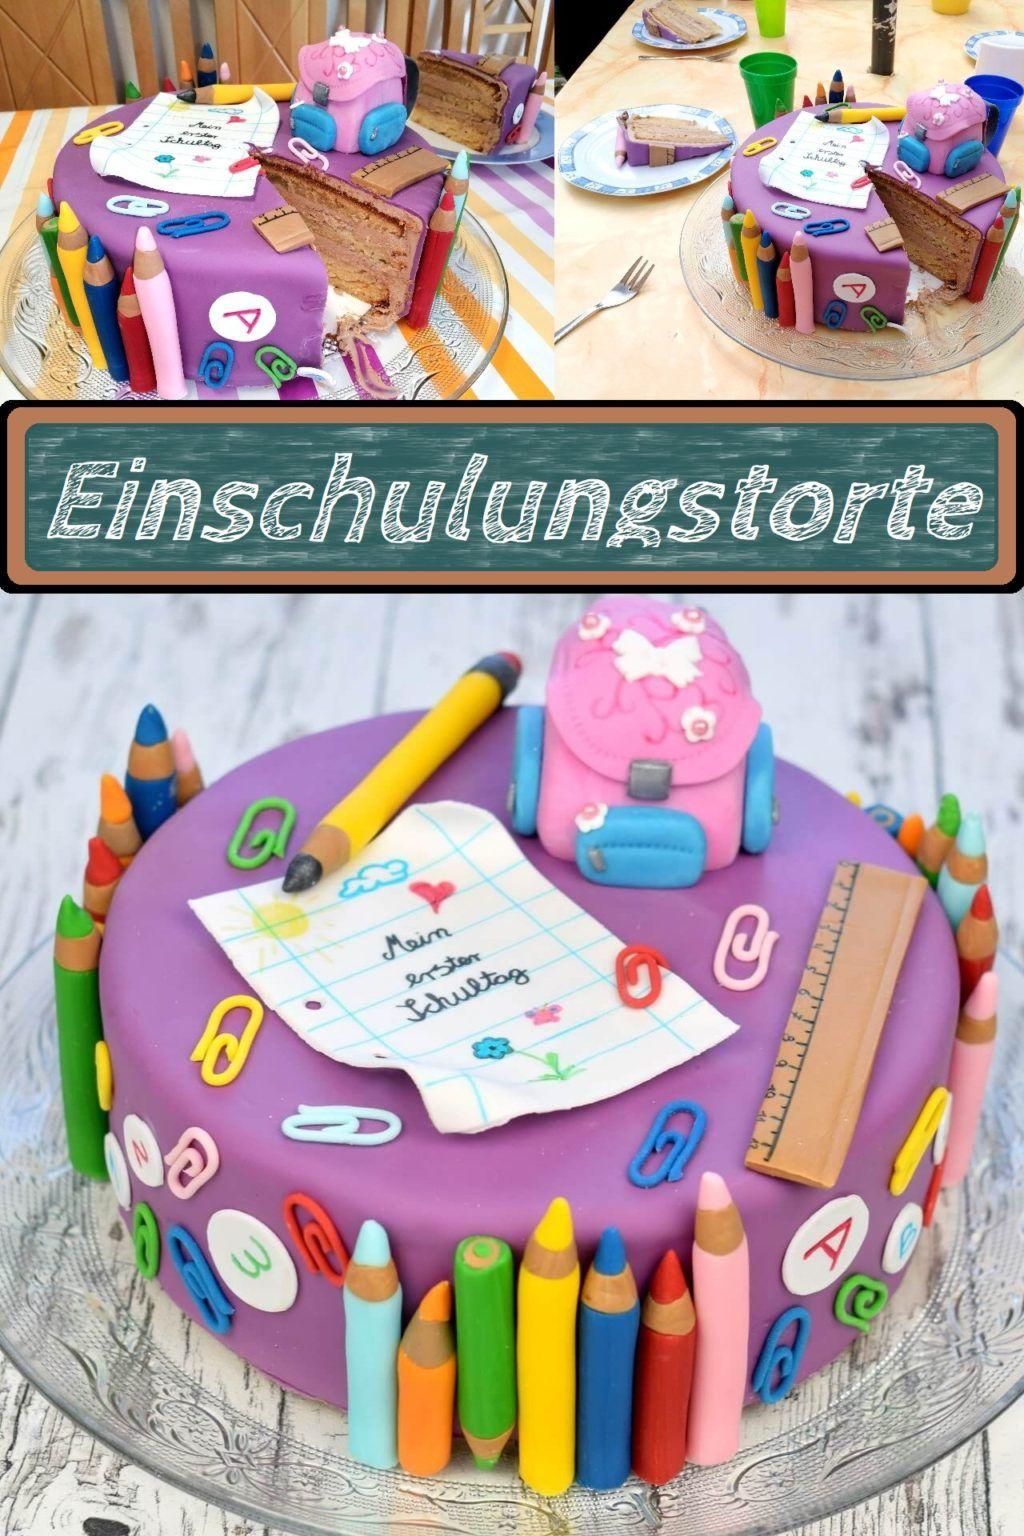 Tolle Bunte Einschulungstorte Lieblingsgeschmack De Rezept In 2020 Einschulungstorte Kuchen Einschulung Torte Einschulung